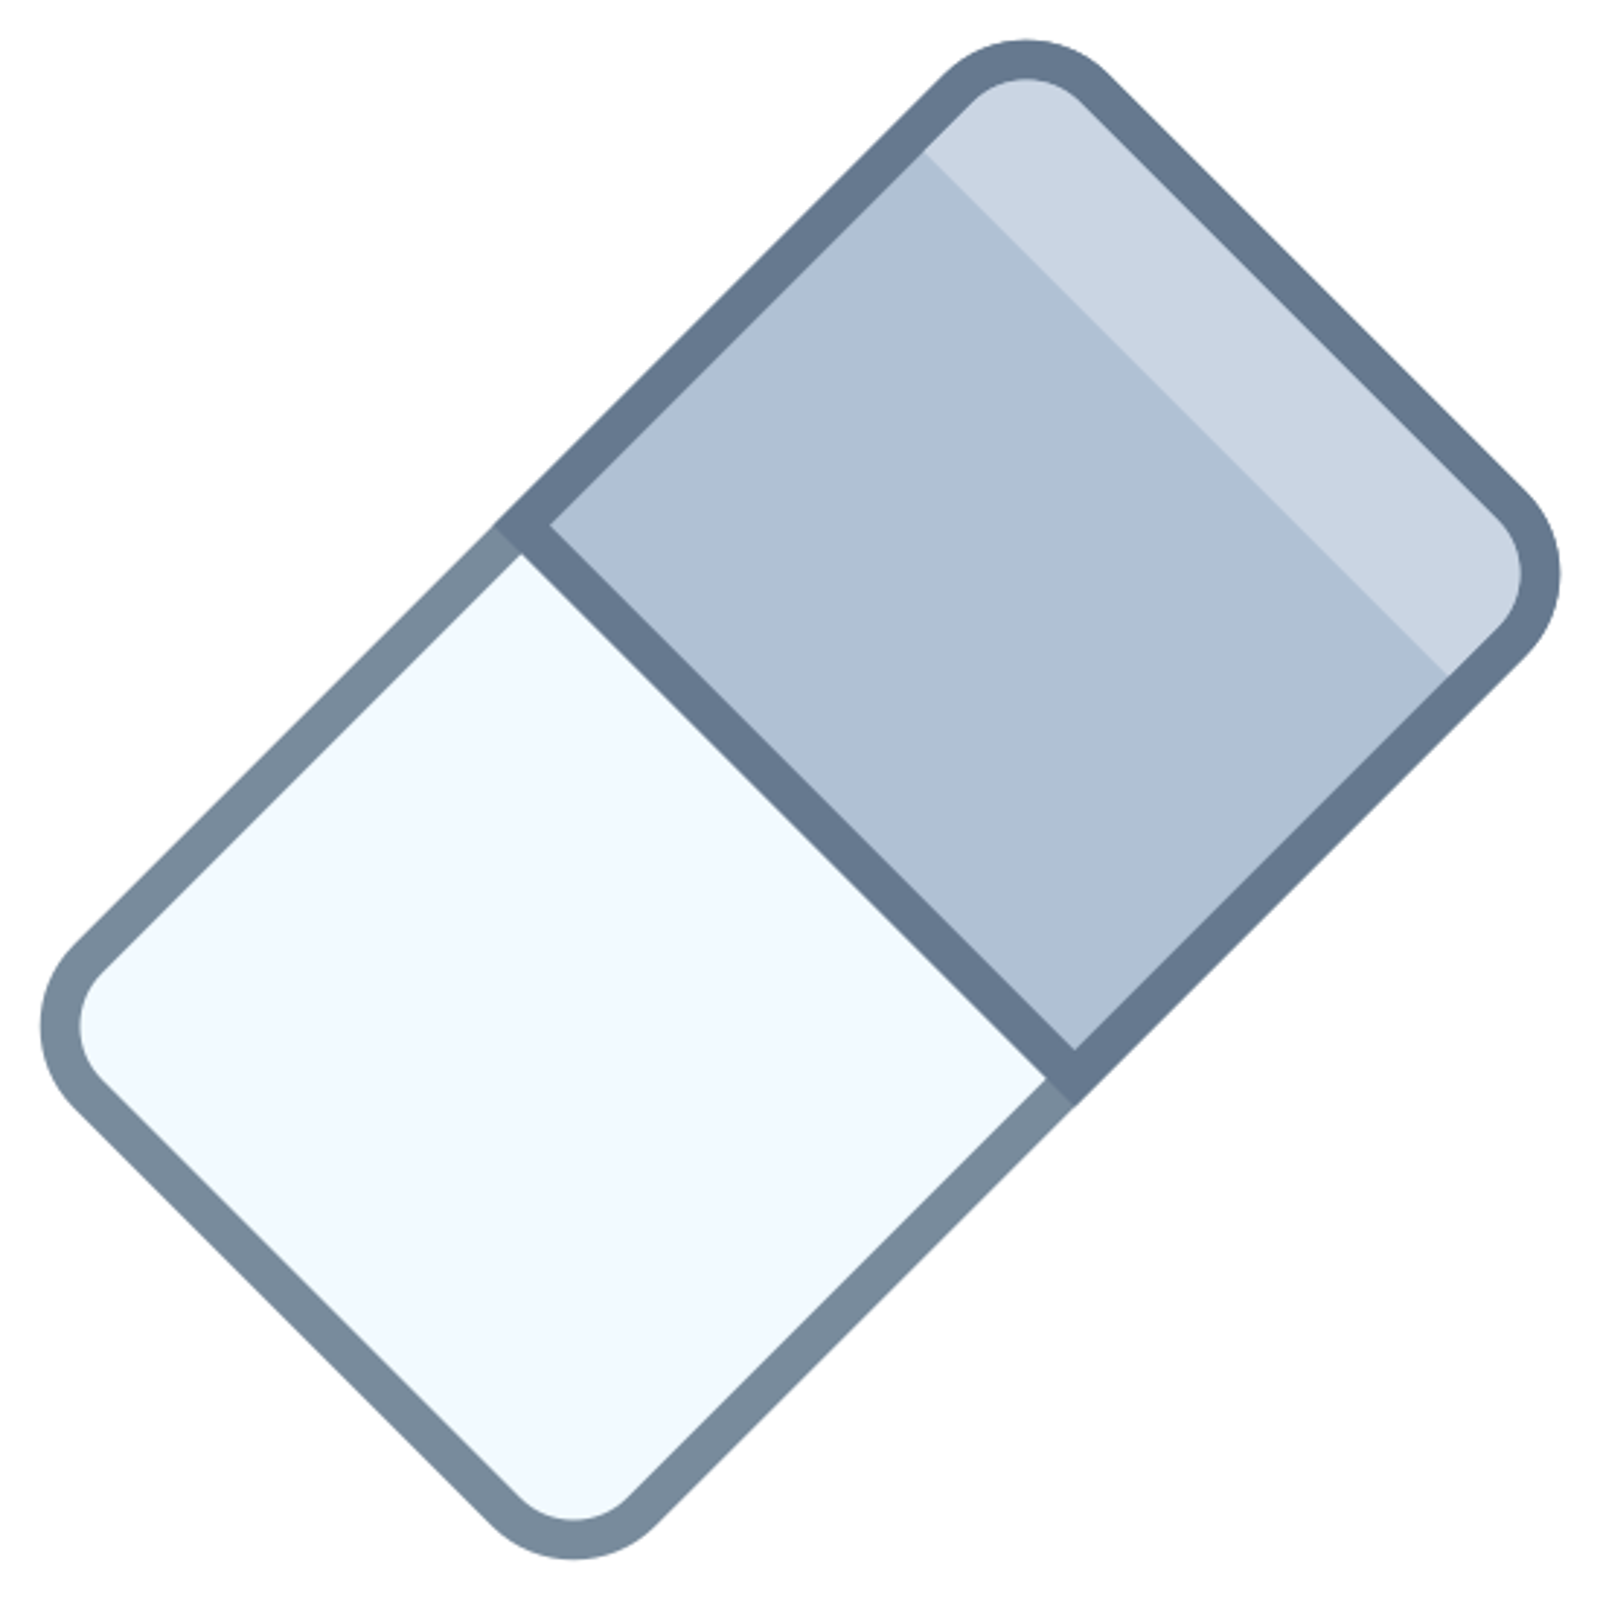 消去 icon. This icon is a rectangle standing on one of it's corners. The corners are all slightly rounded. The rectangle is divided into two sections: one that is empty and one that is full of evenly spaced dots. This icon is meant to represent an eraser.